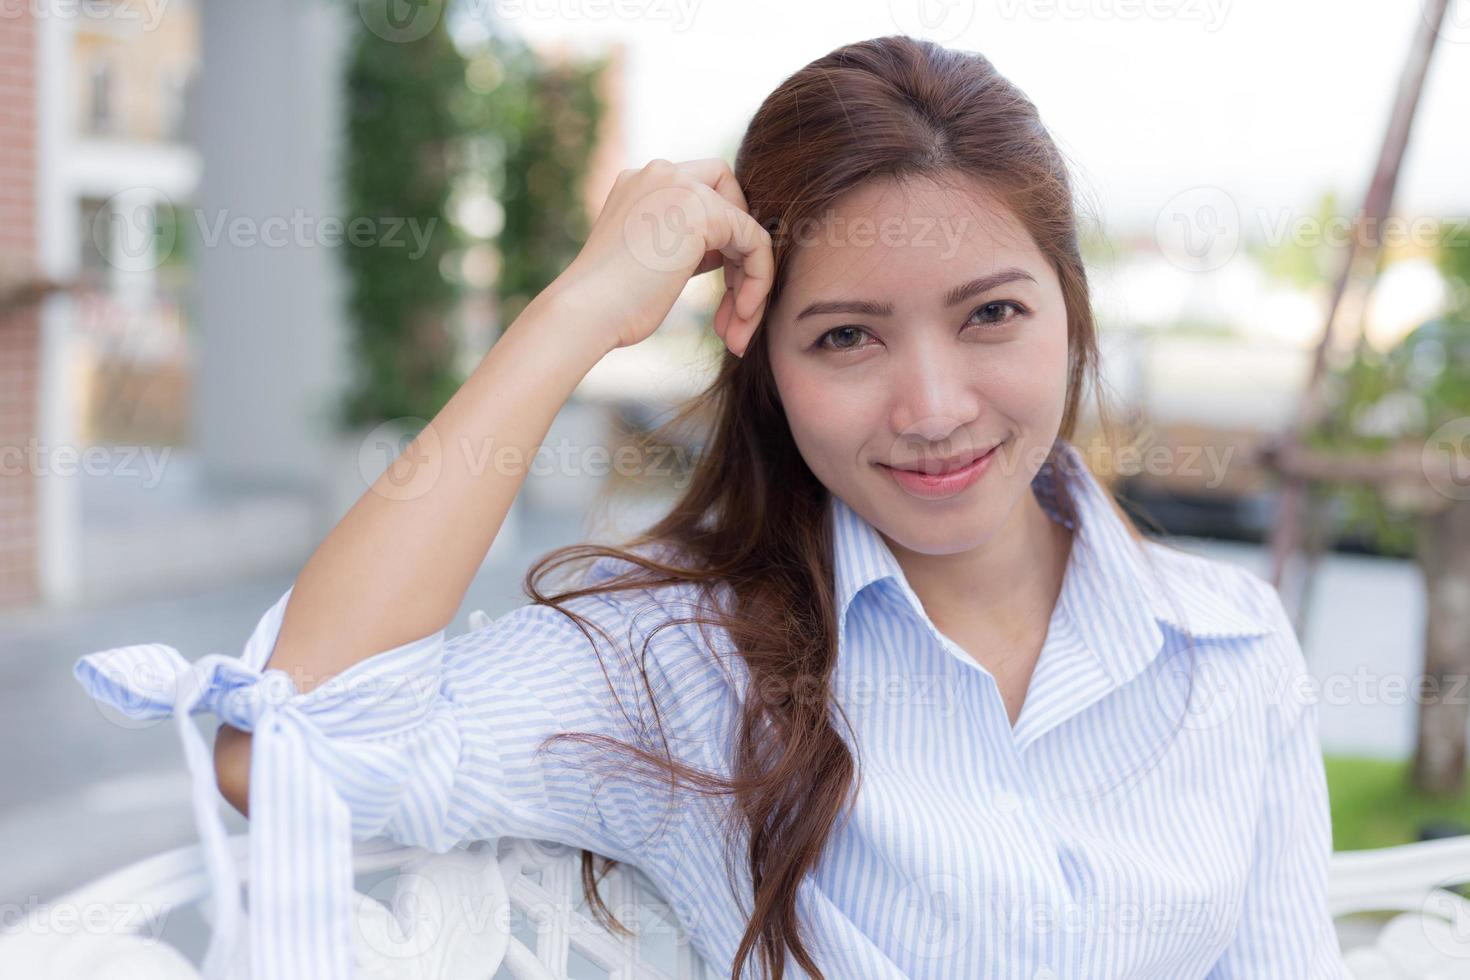 portrait de la belle femme asiatique photo